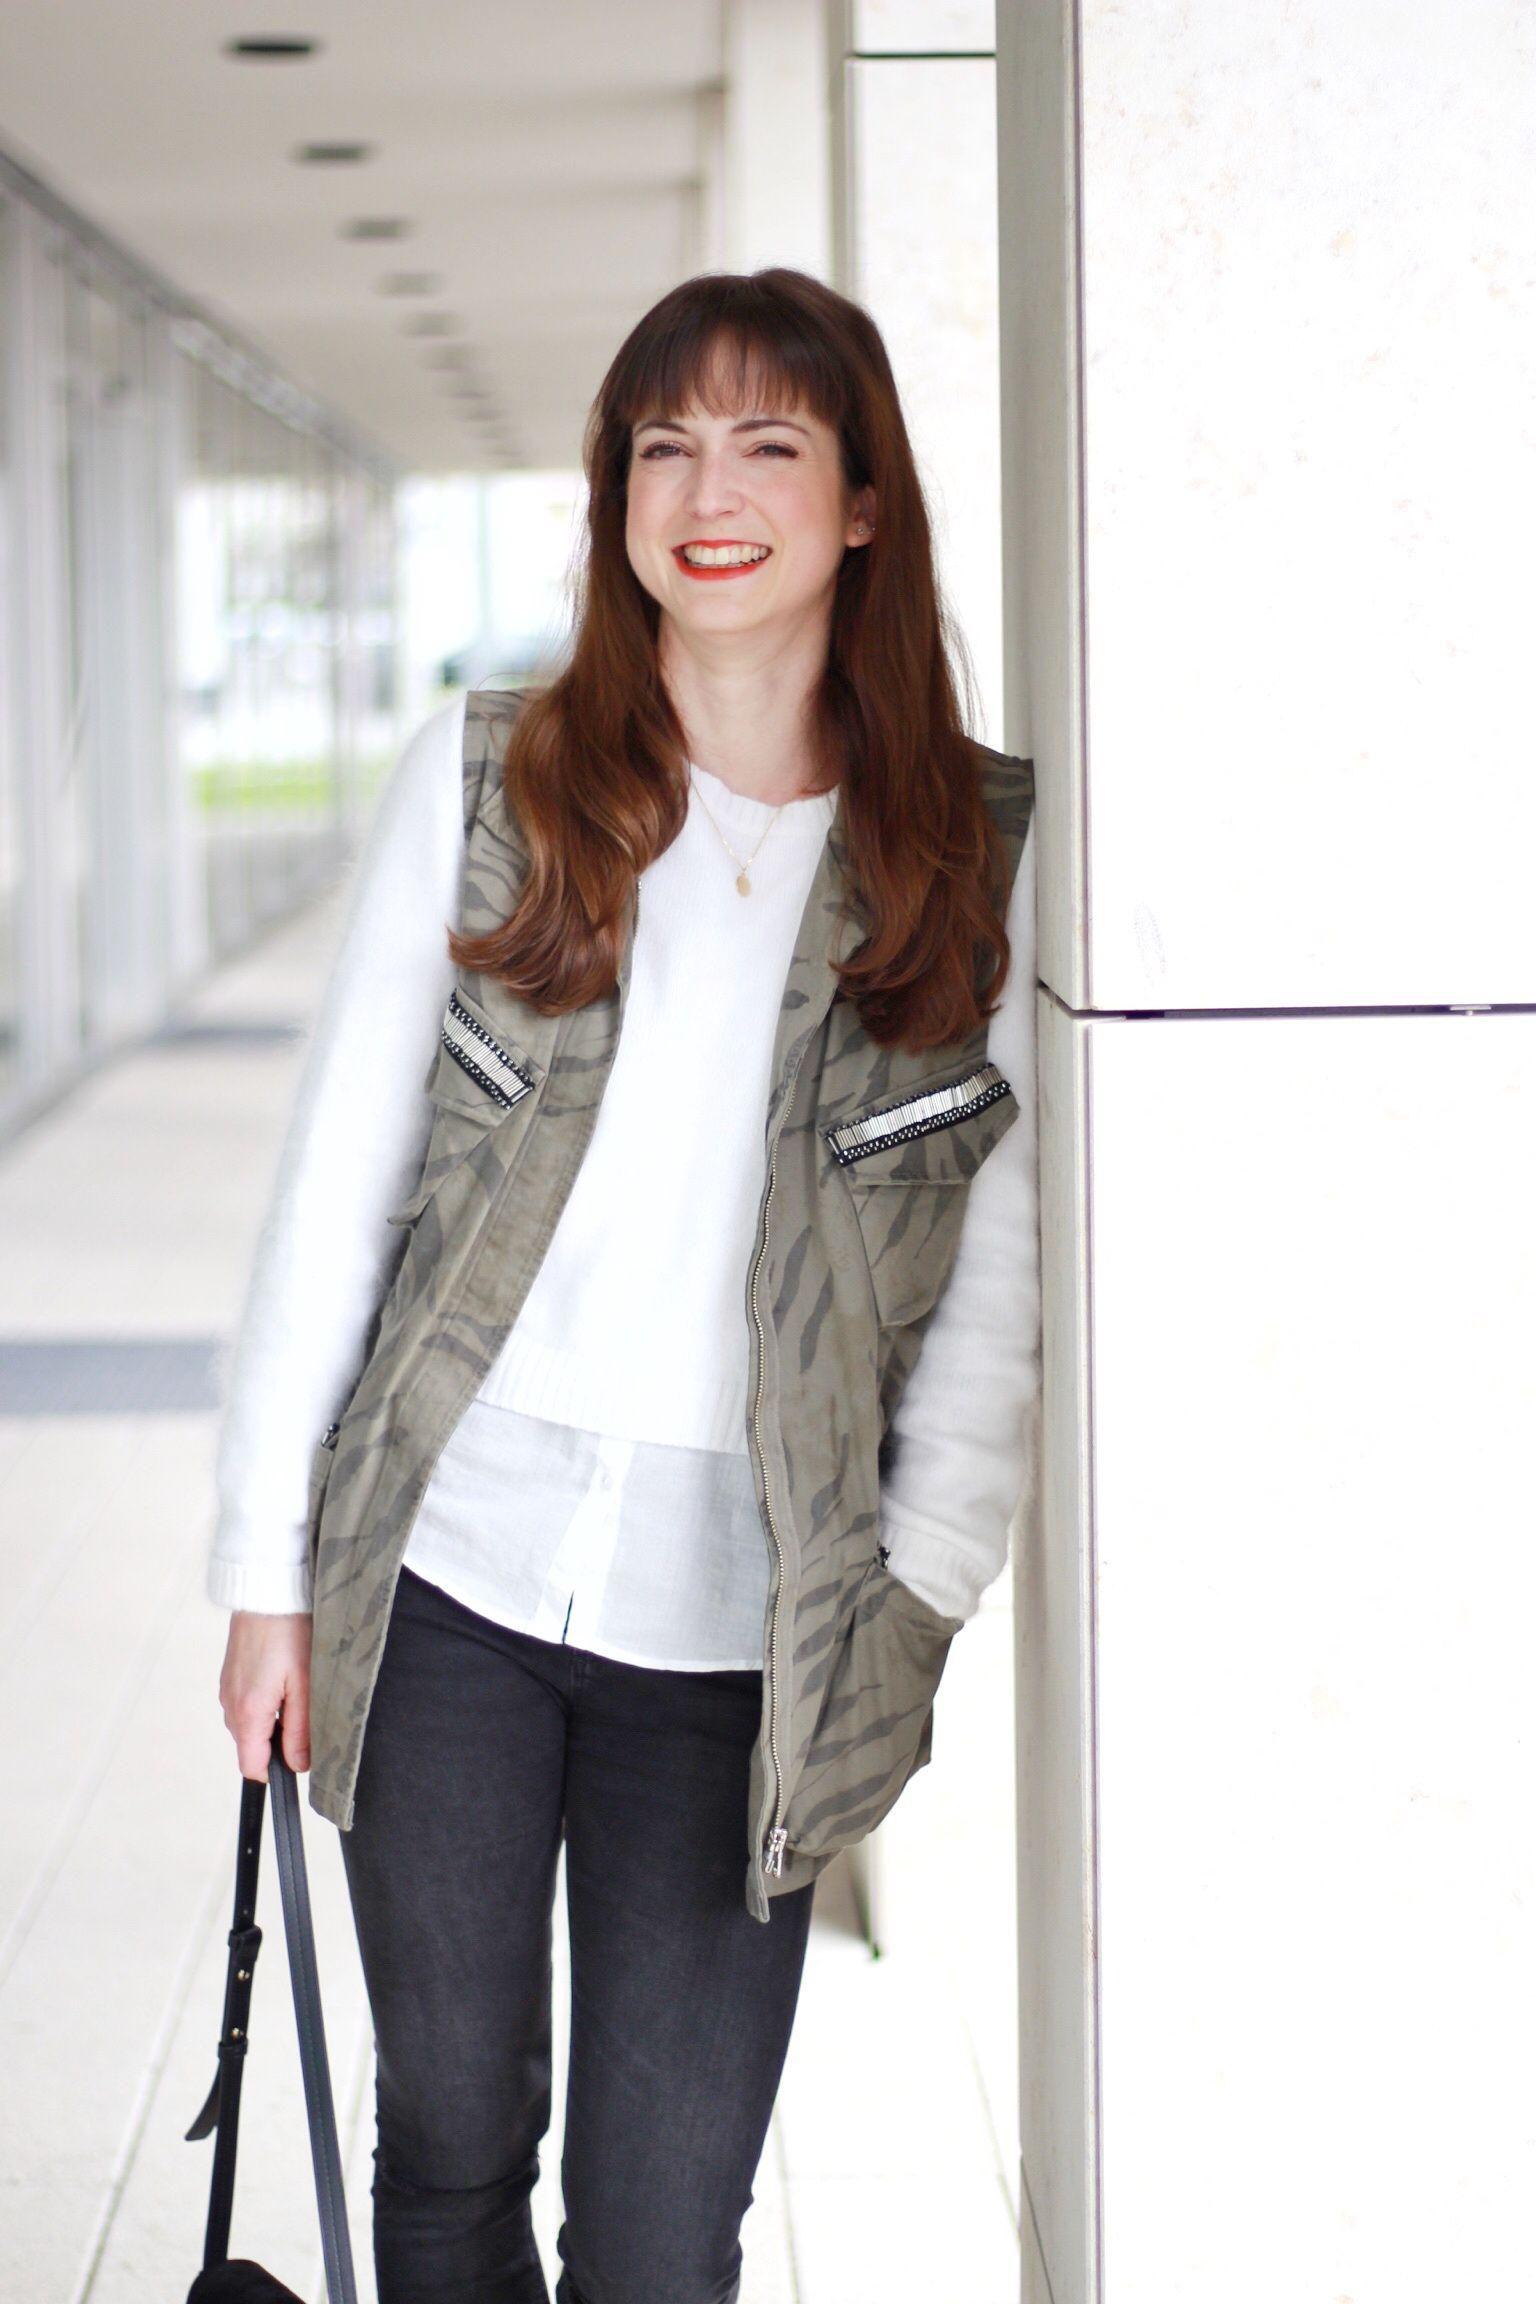 OOTD Nietenslipper von Zara, Tasche Chloé Faye Bag, Weste von Loé aus Freiburg